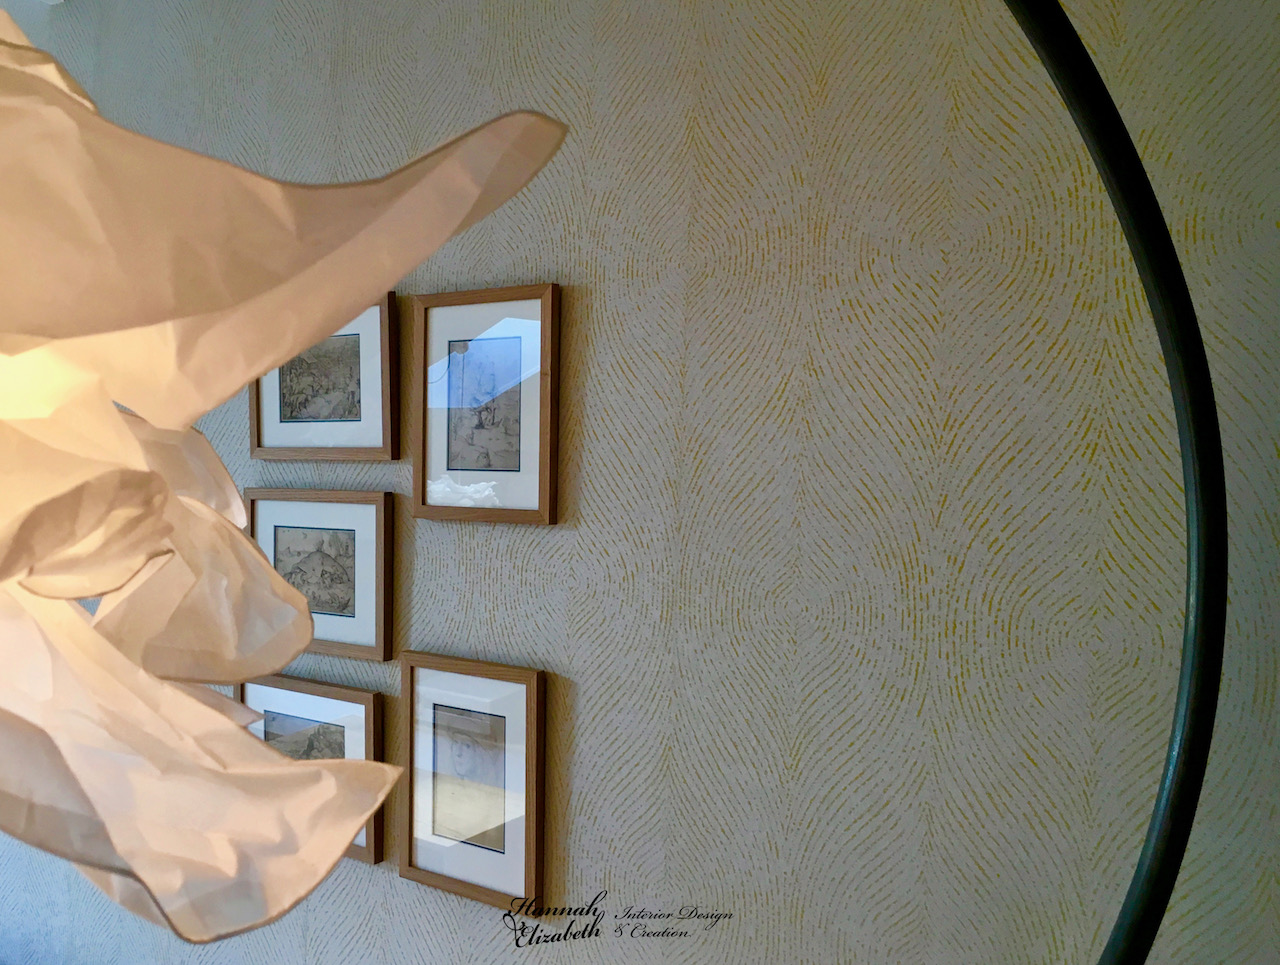 Lampadaire nuage hannah elizabeth interior design